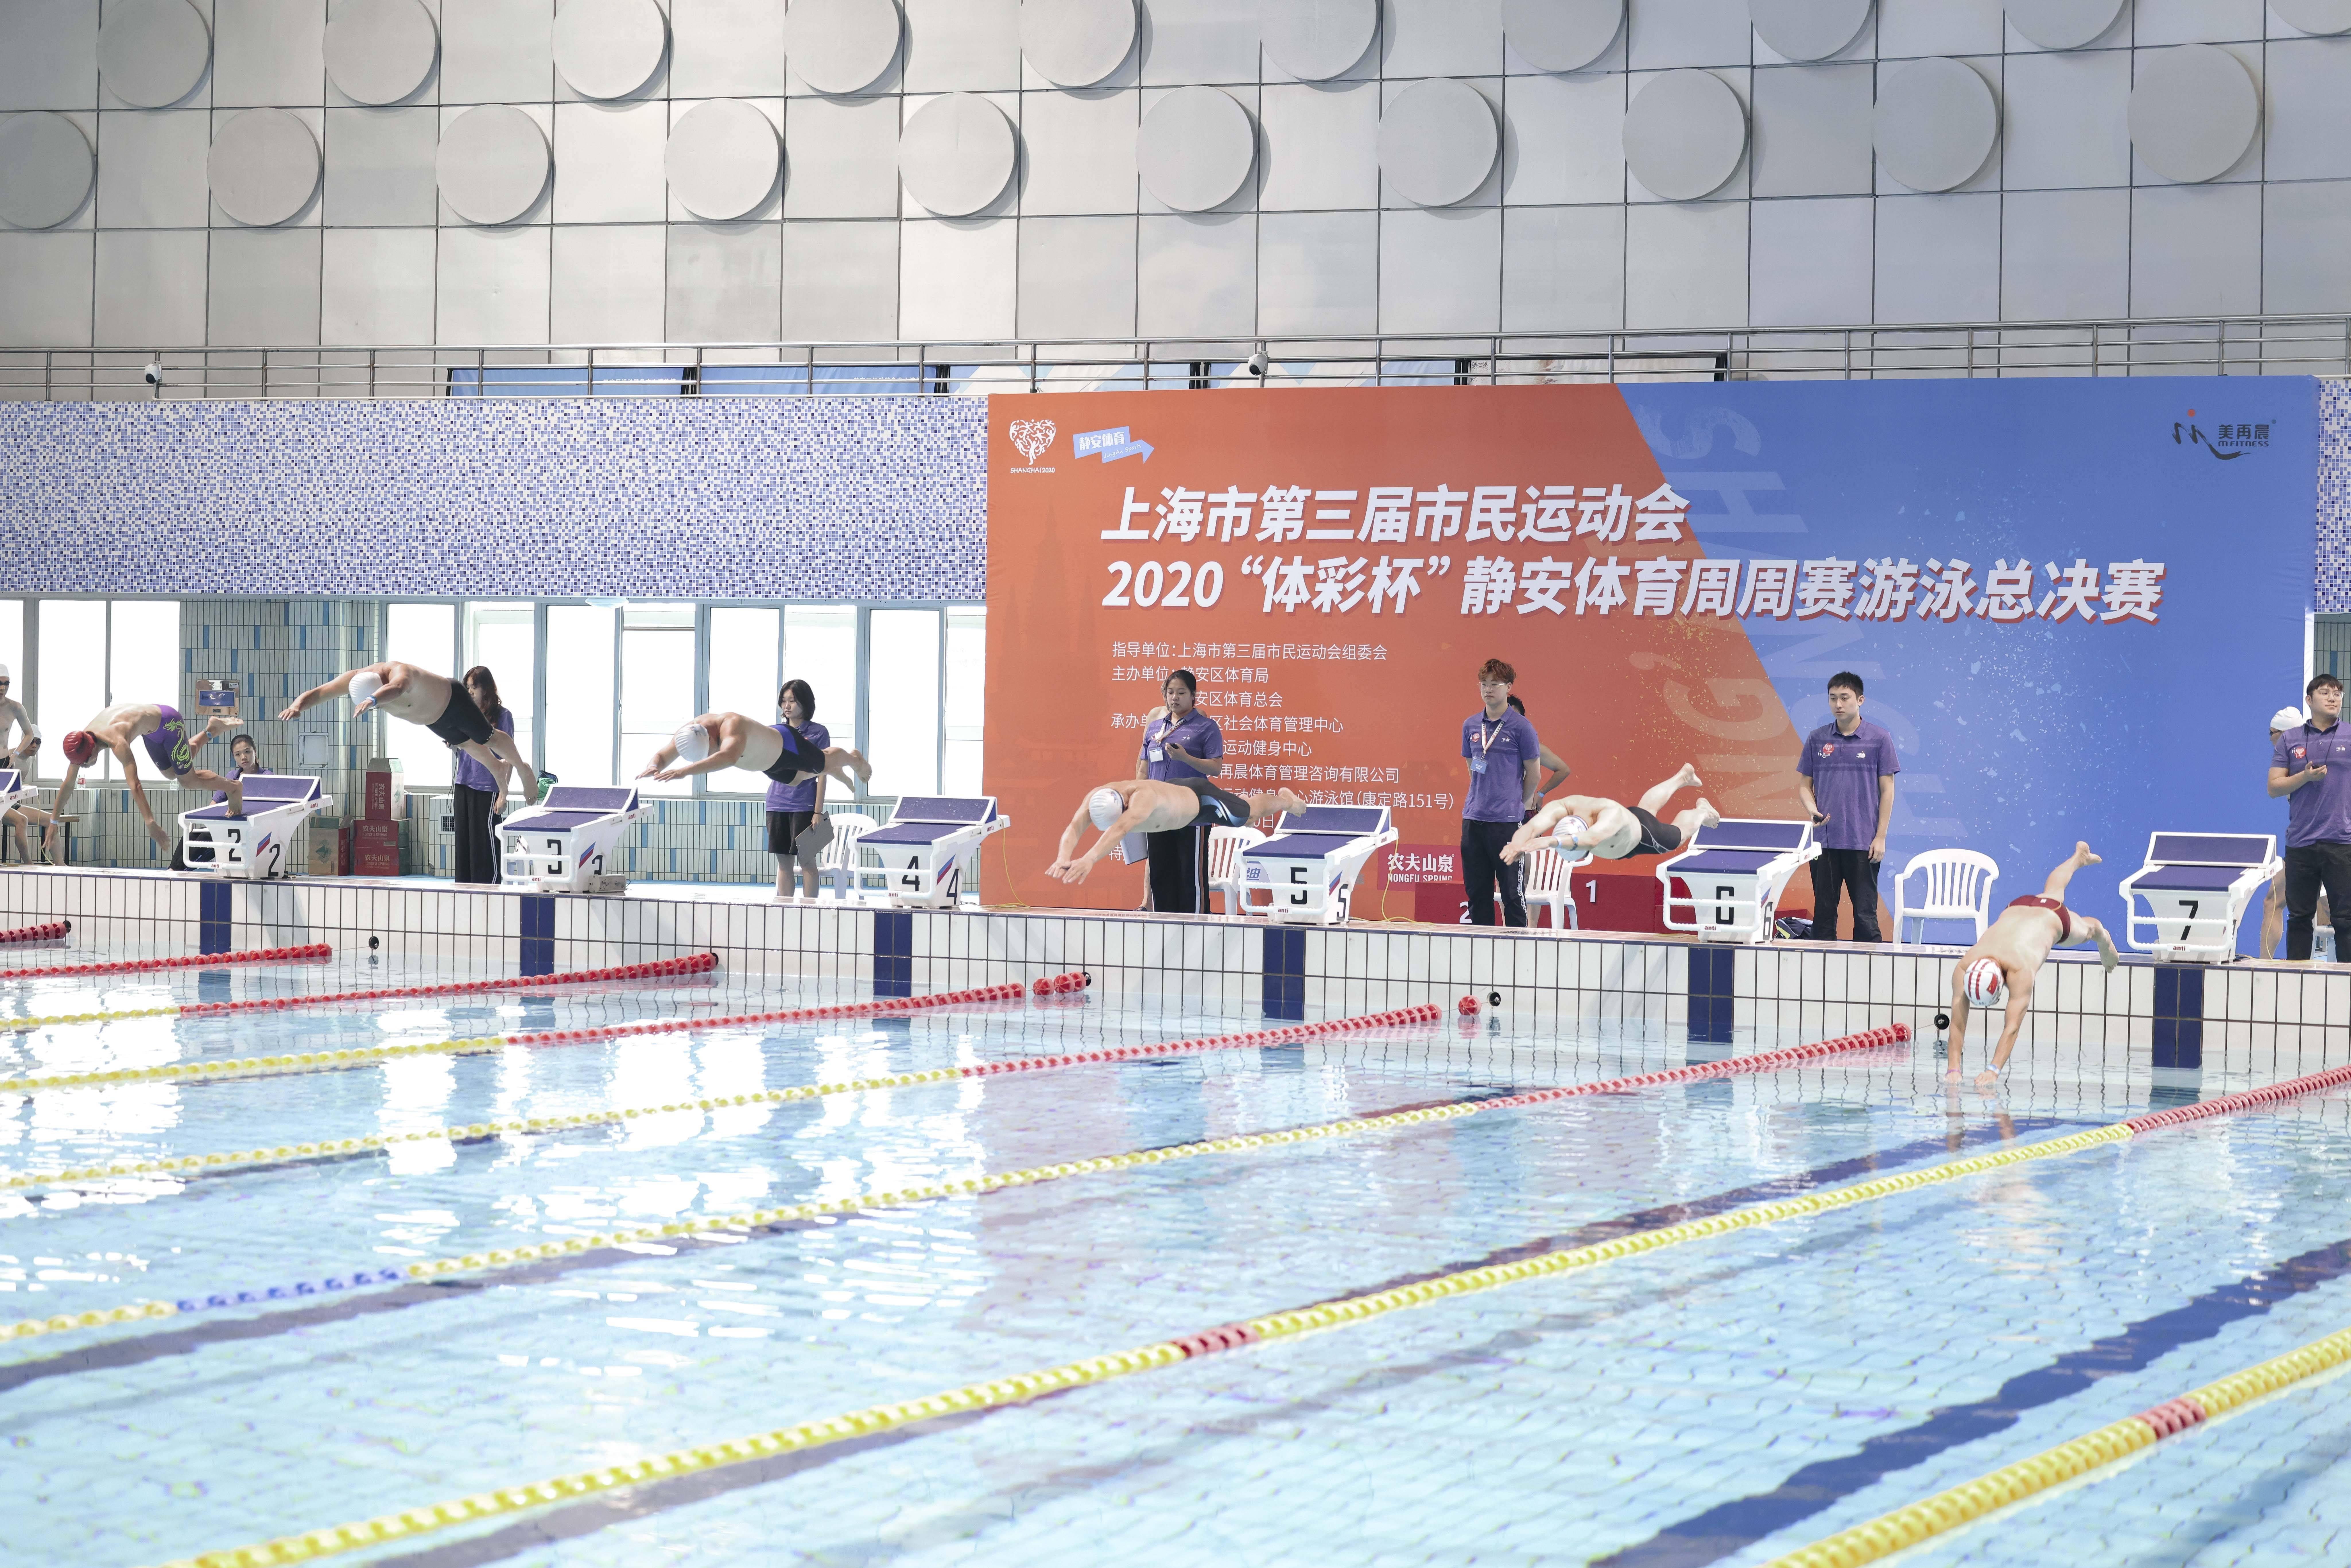 上海市民运动会静安游泳总决赛落幕  22个项目1236人参赛